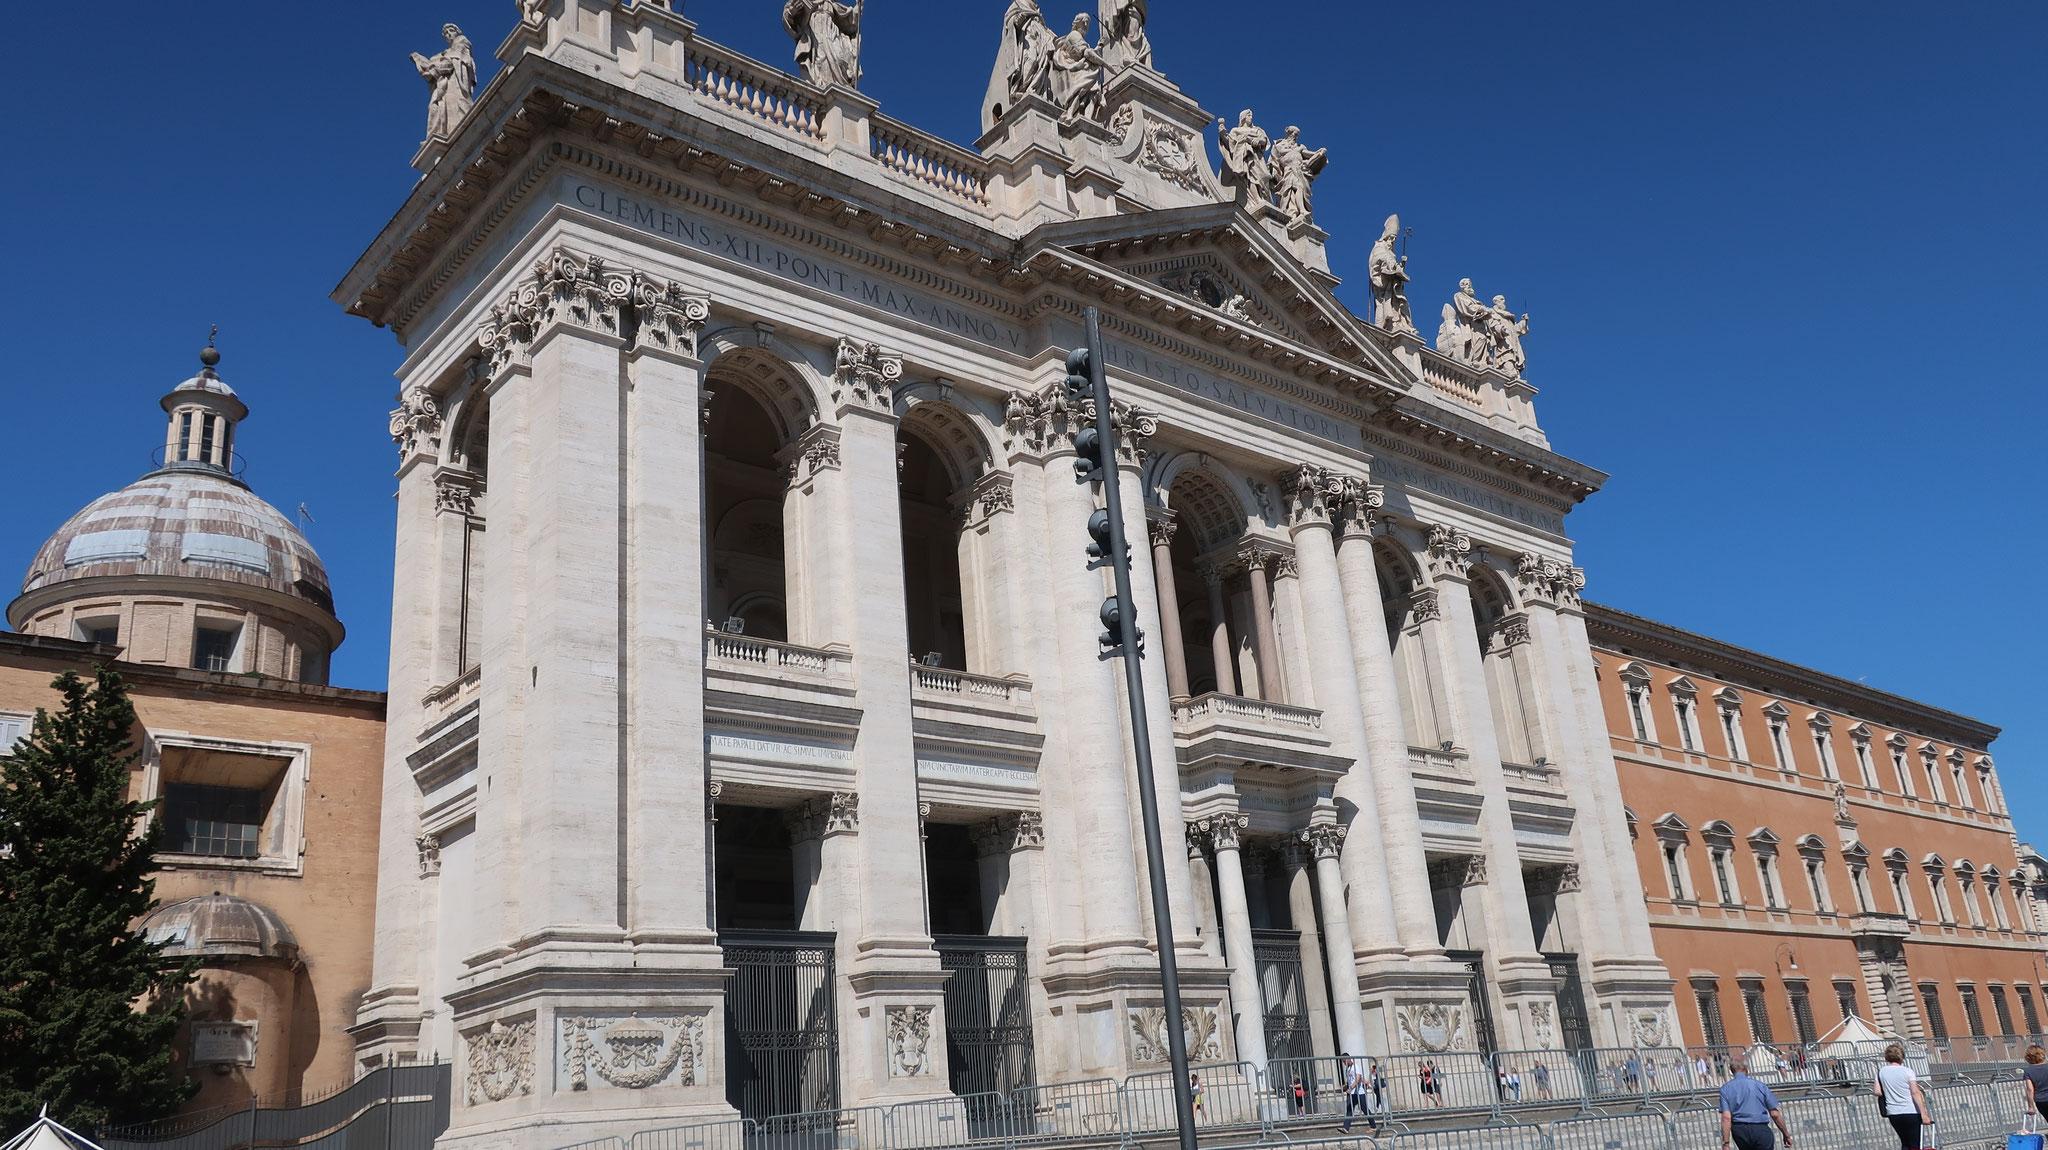 サン・ジョヴァンニ・イン・ラテラーノ大聖堂。4世紀に初めてキリスト教を公認したコンスタンティヌス大帝が創建。ローマの4大聖堂のうち最古です。